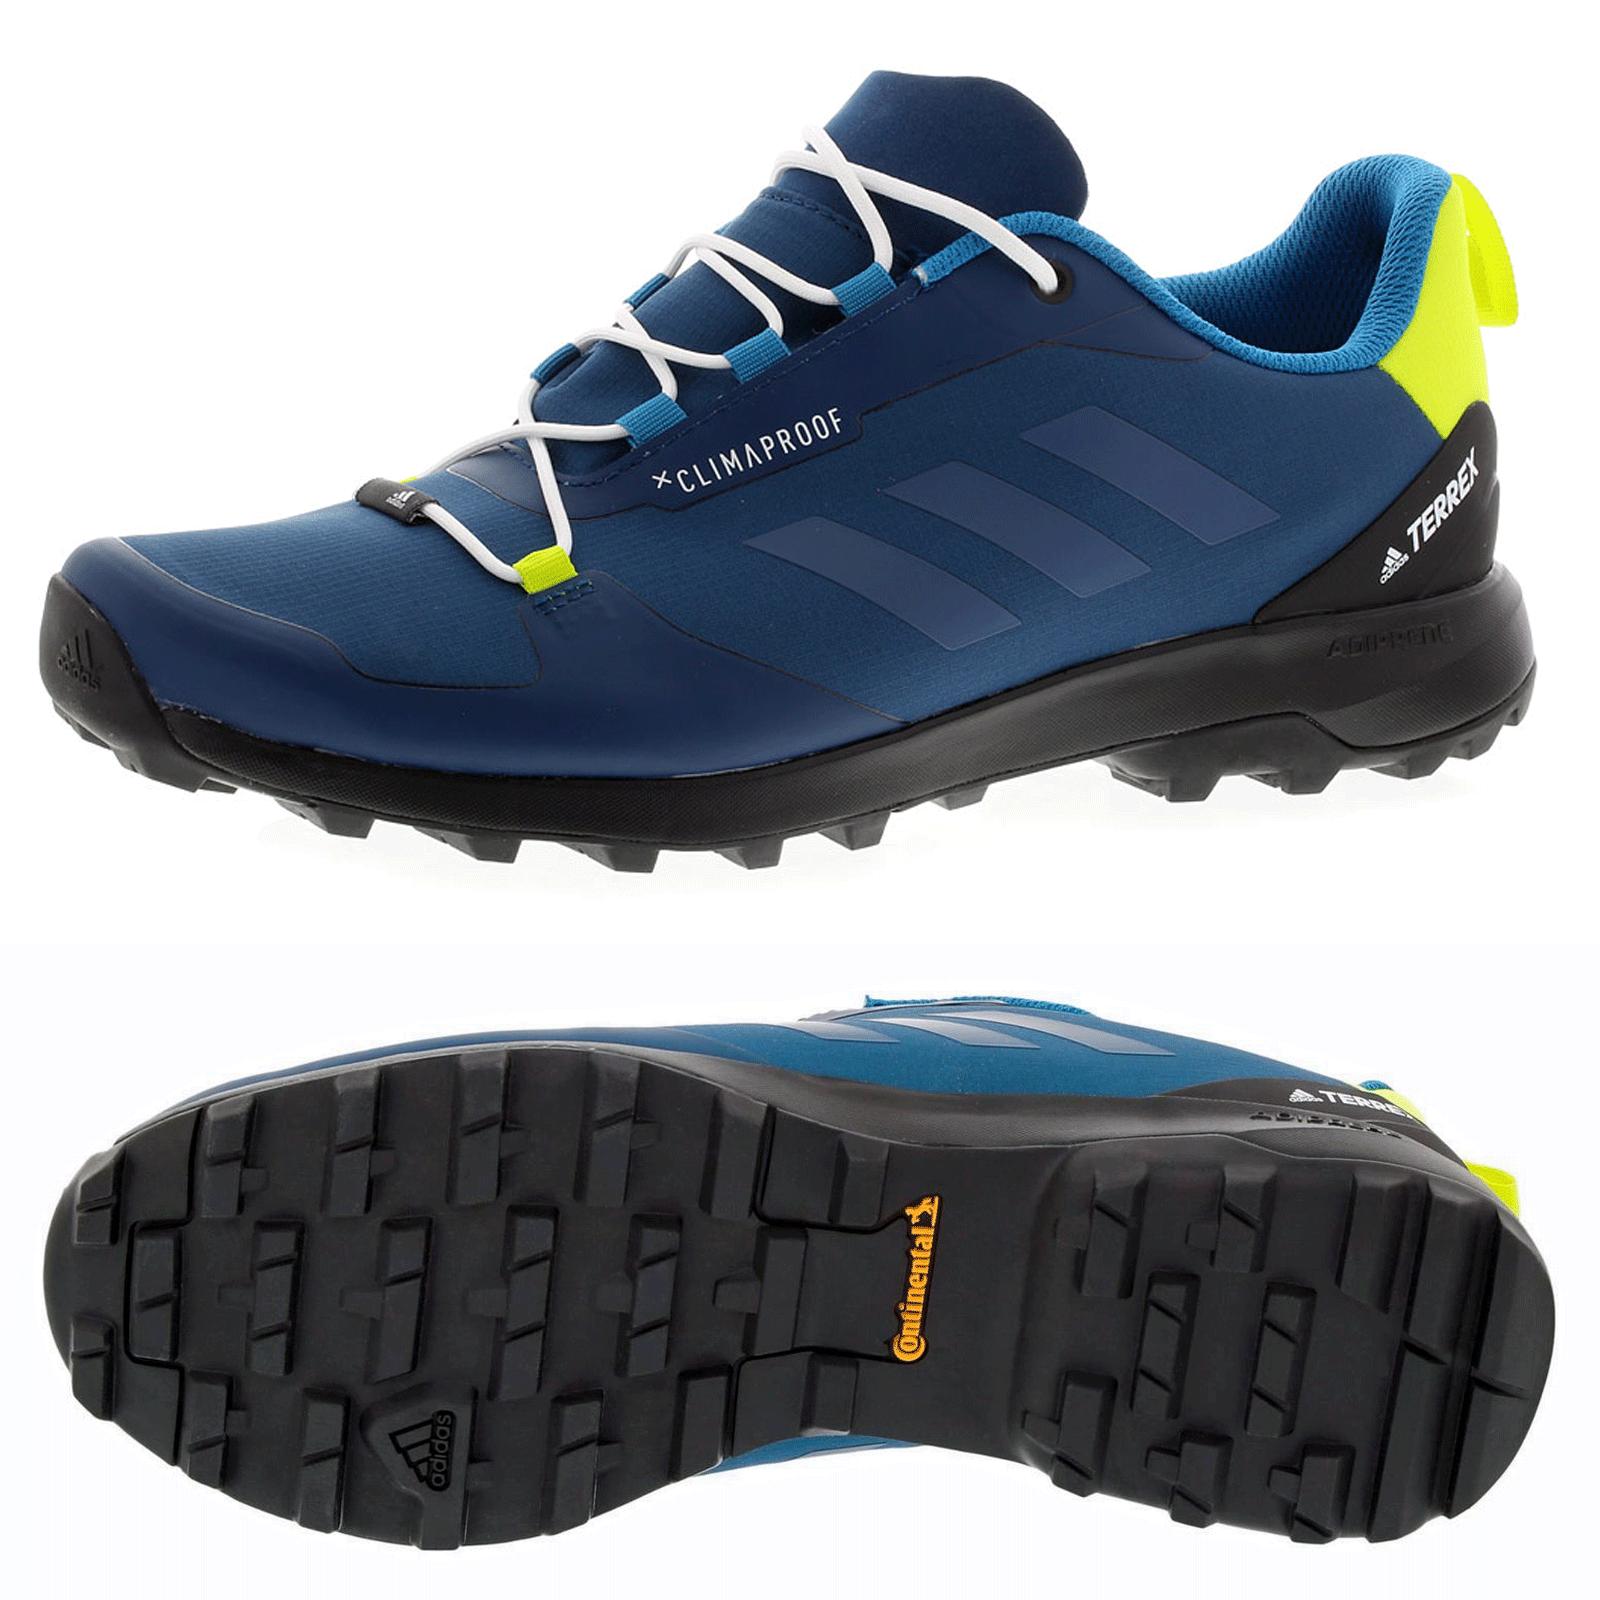 Adidas Terrex Fastshell CP Herren Berg & Wanderschuhe Outdoor Running 48 Neu  | Spielen Sie auf der ganzen Welt und verhindern Sie, dass Ihre Kinder einsam sind